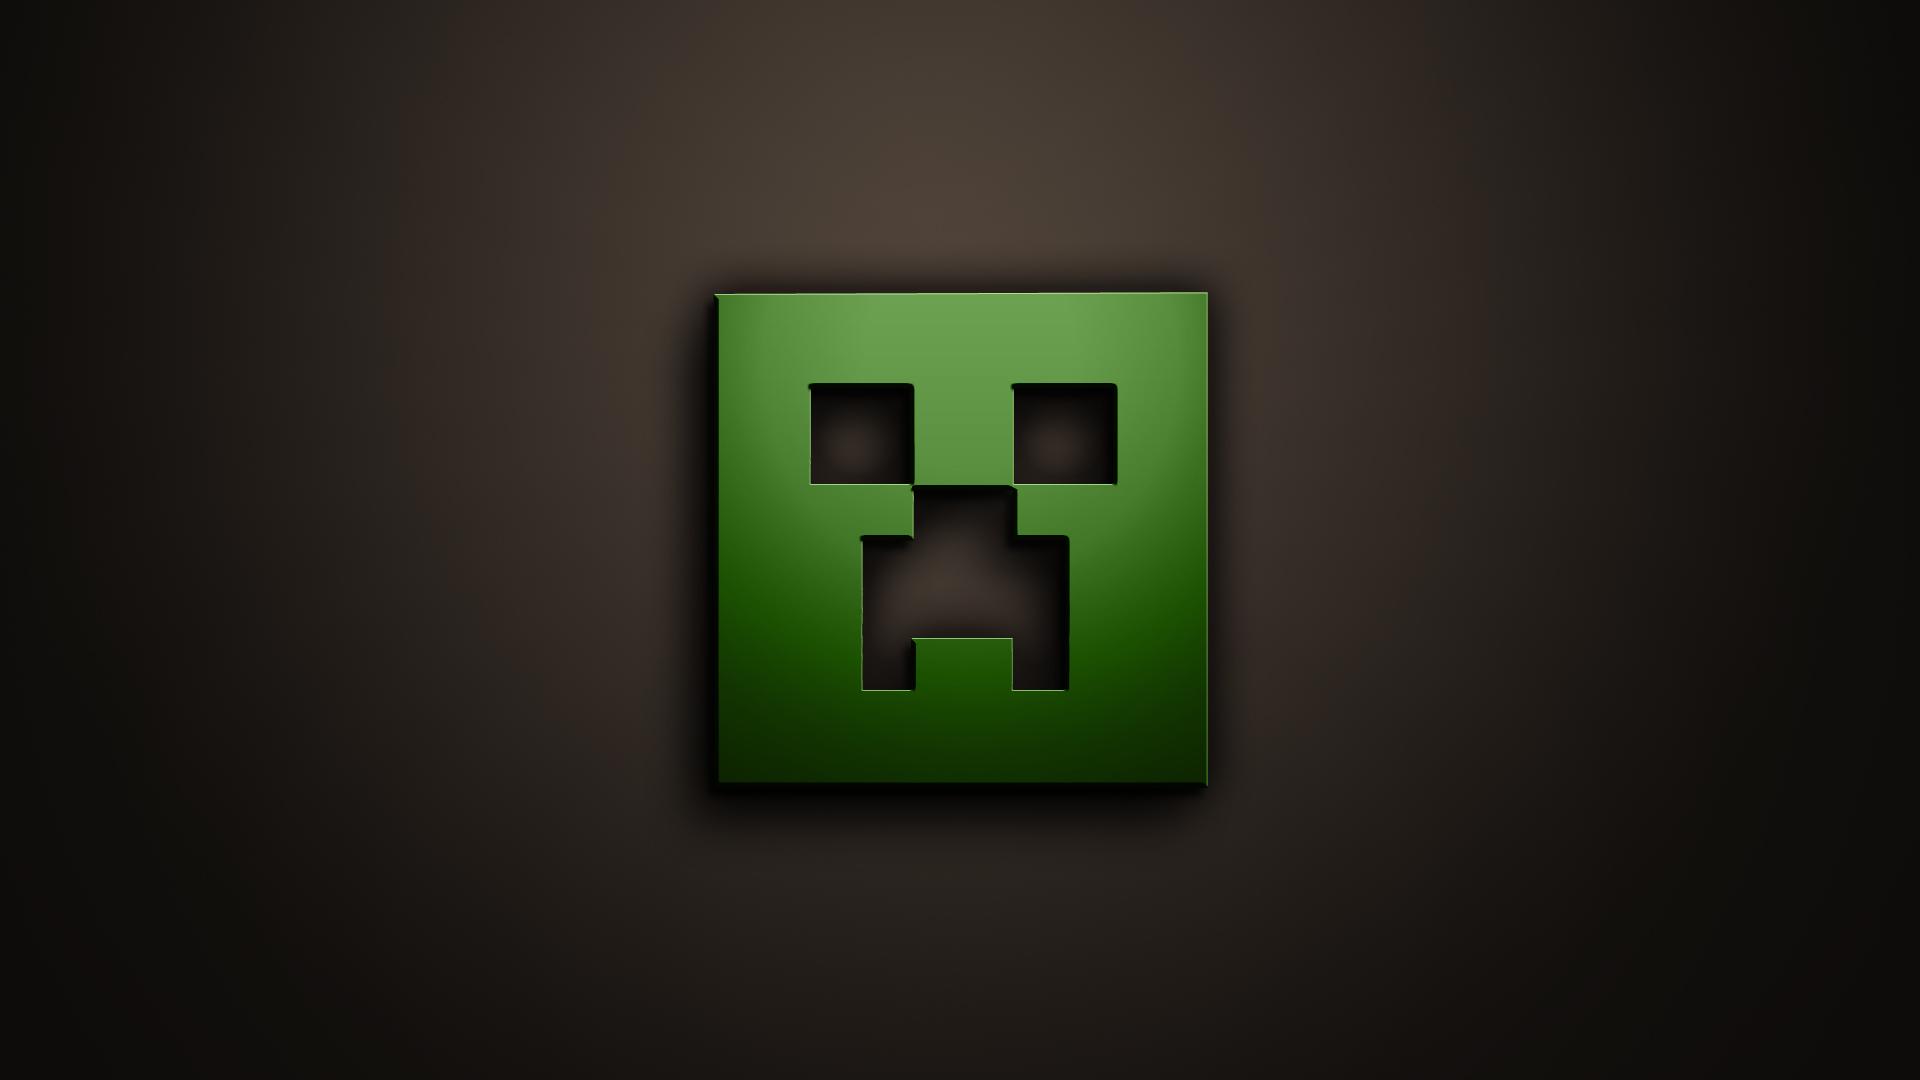 Minecraft Iphone 5 Wallpaper Video game   minecraft 1920x1080